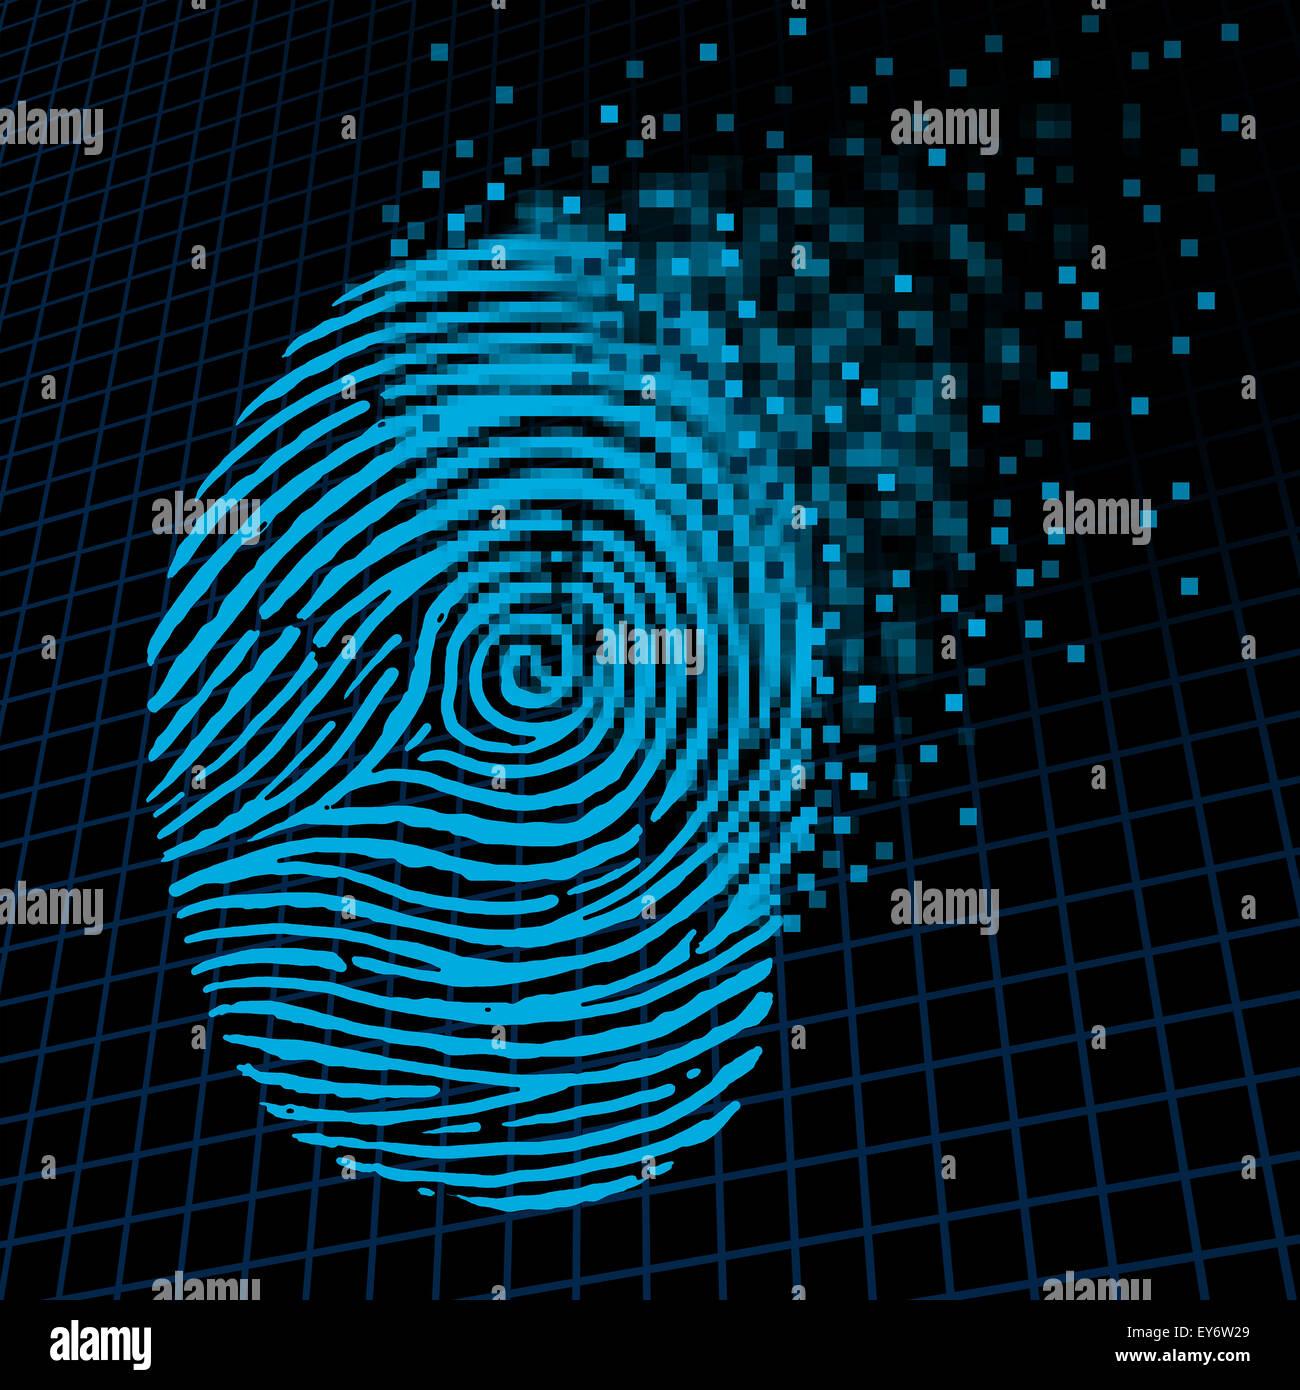 Cifrado de datos personales y privados de la protección de datos como una huella digital está pixelado Imagen De Stock